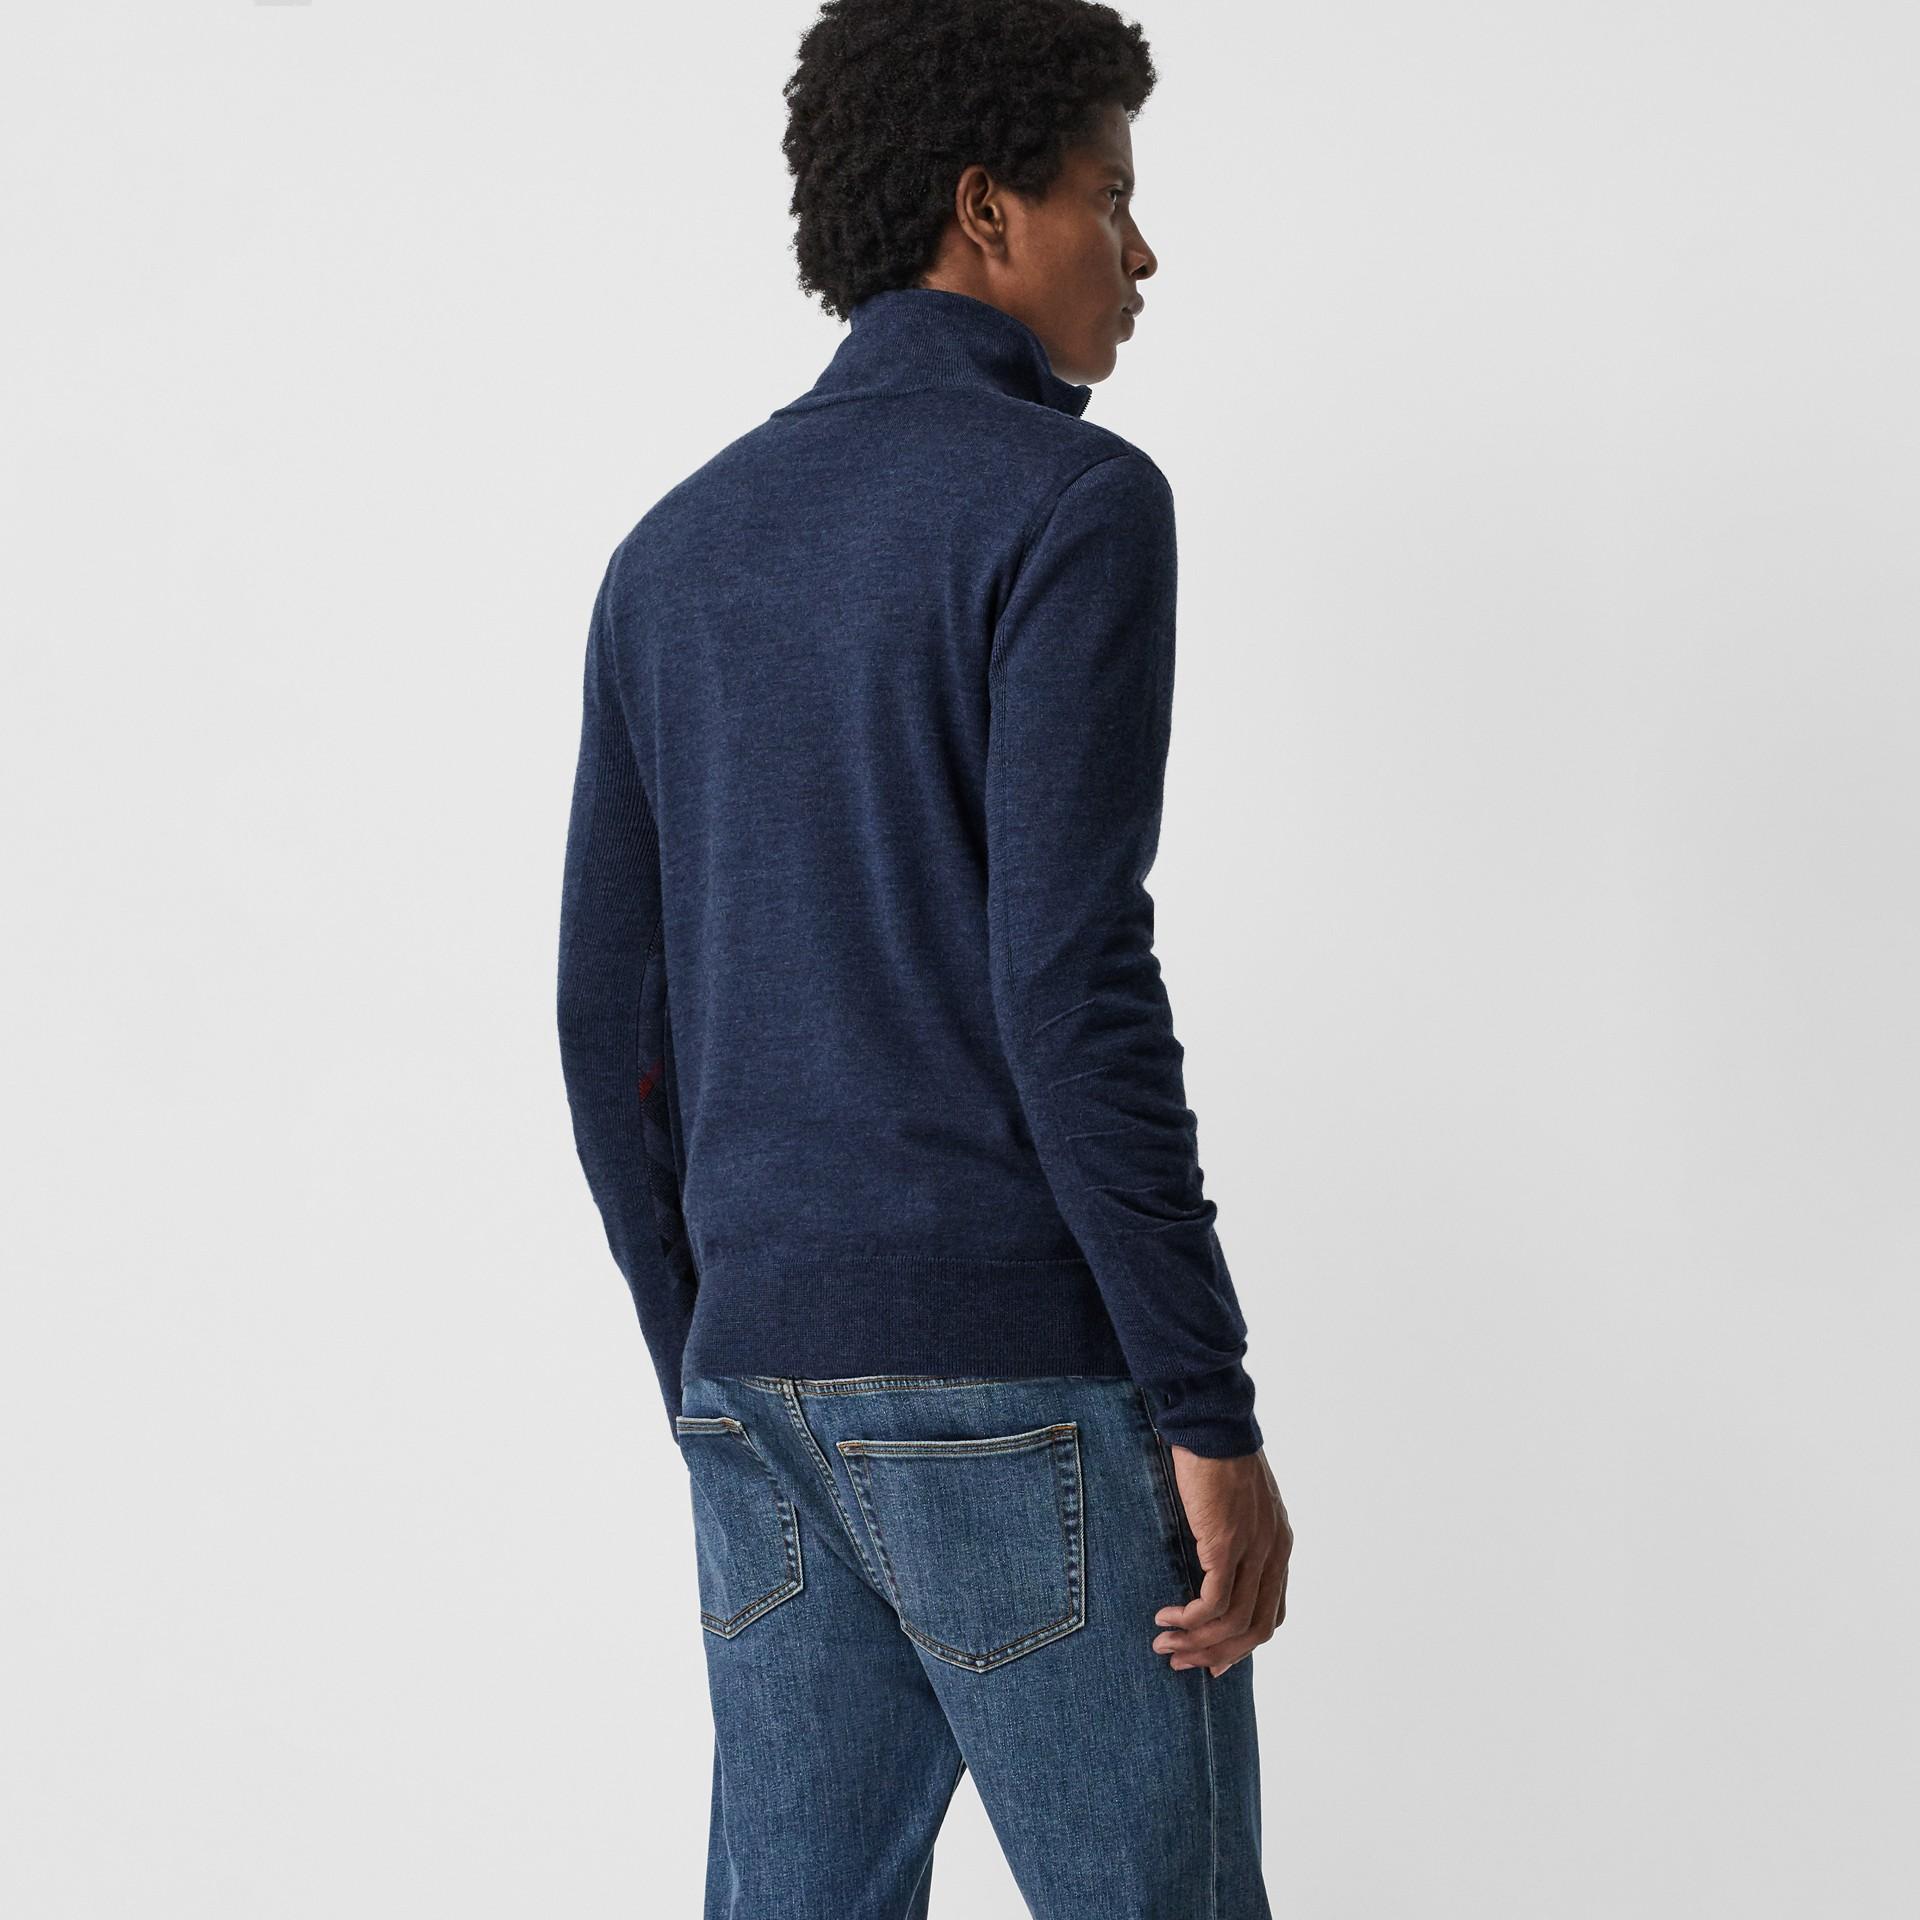 メリノウール ハーフジップ セーター (ストームブルー) - メンズ | バーバリー - ギャラリーイメージ 2